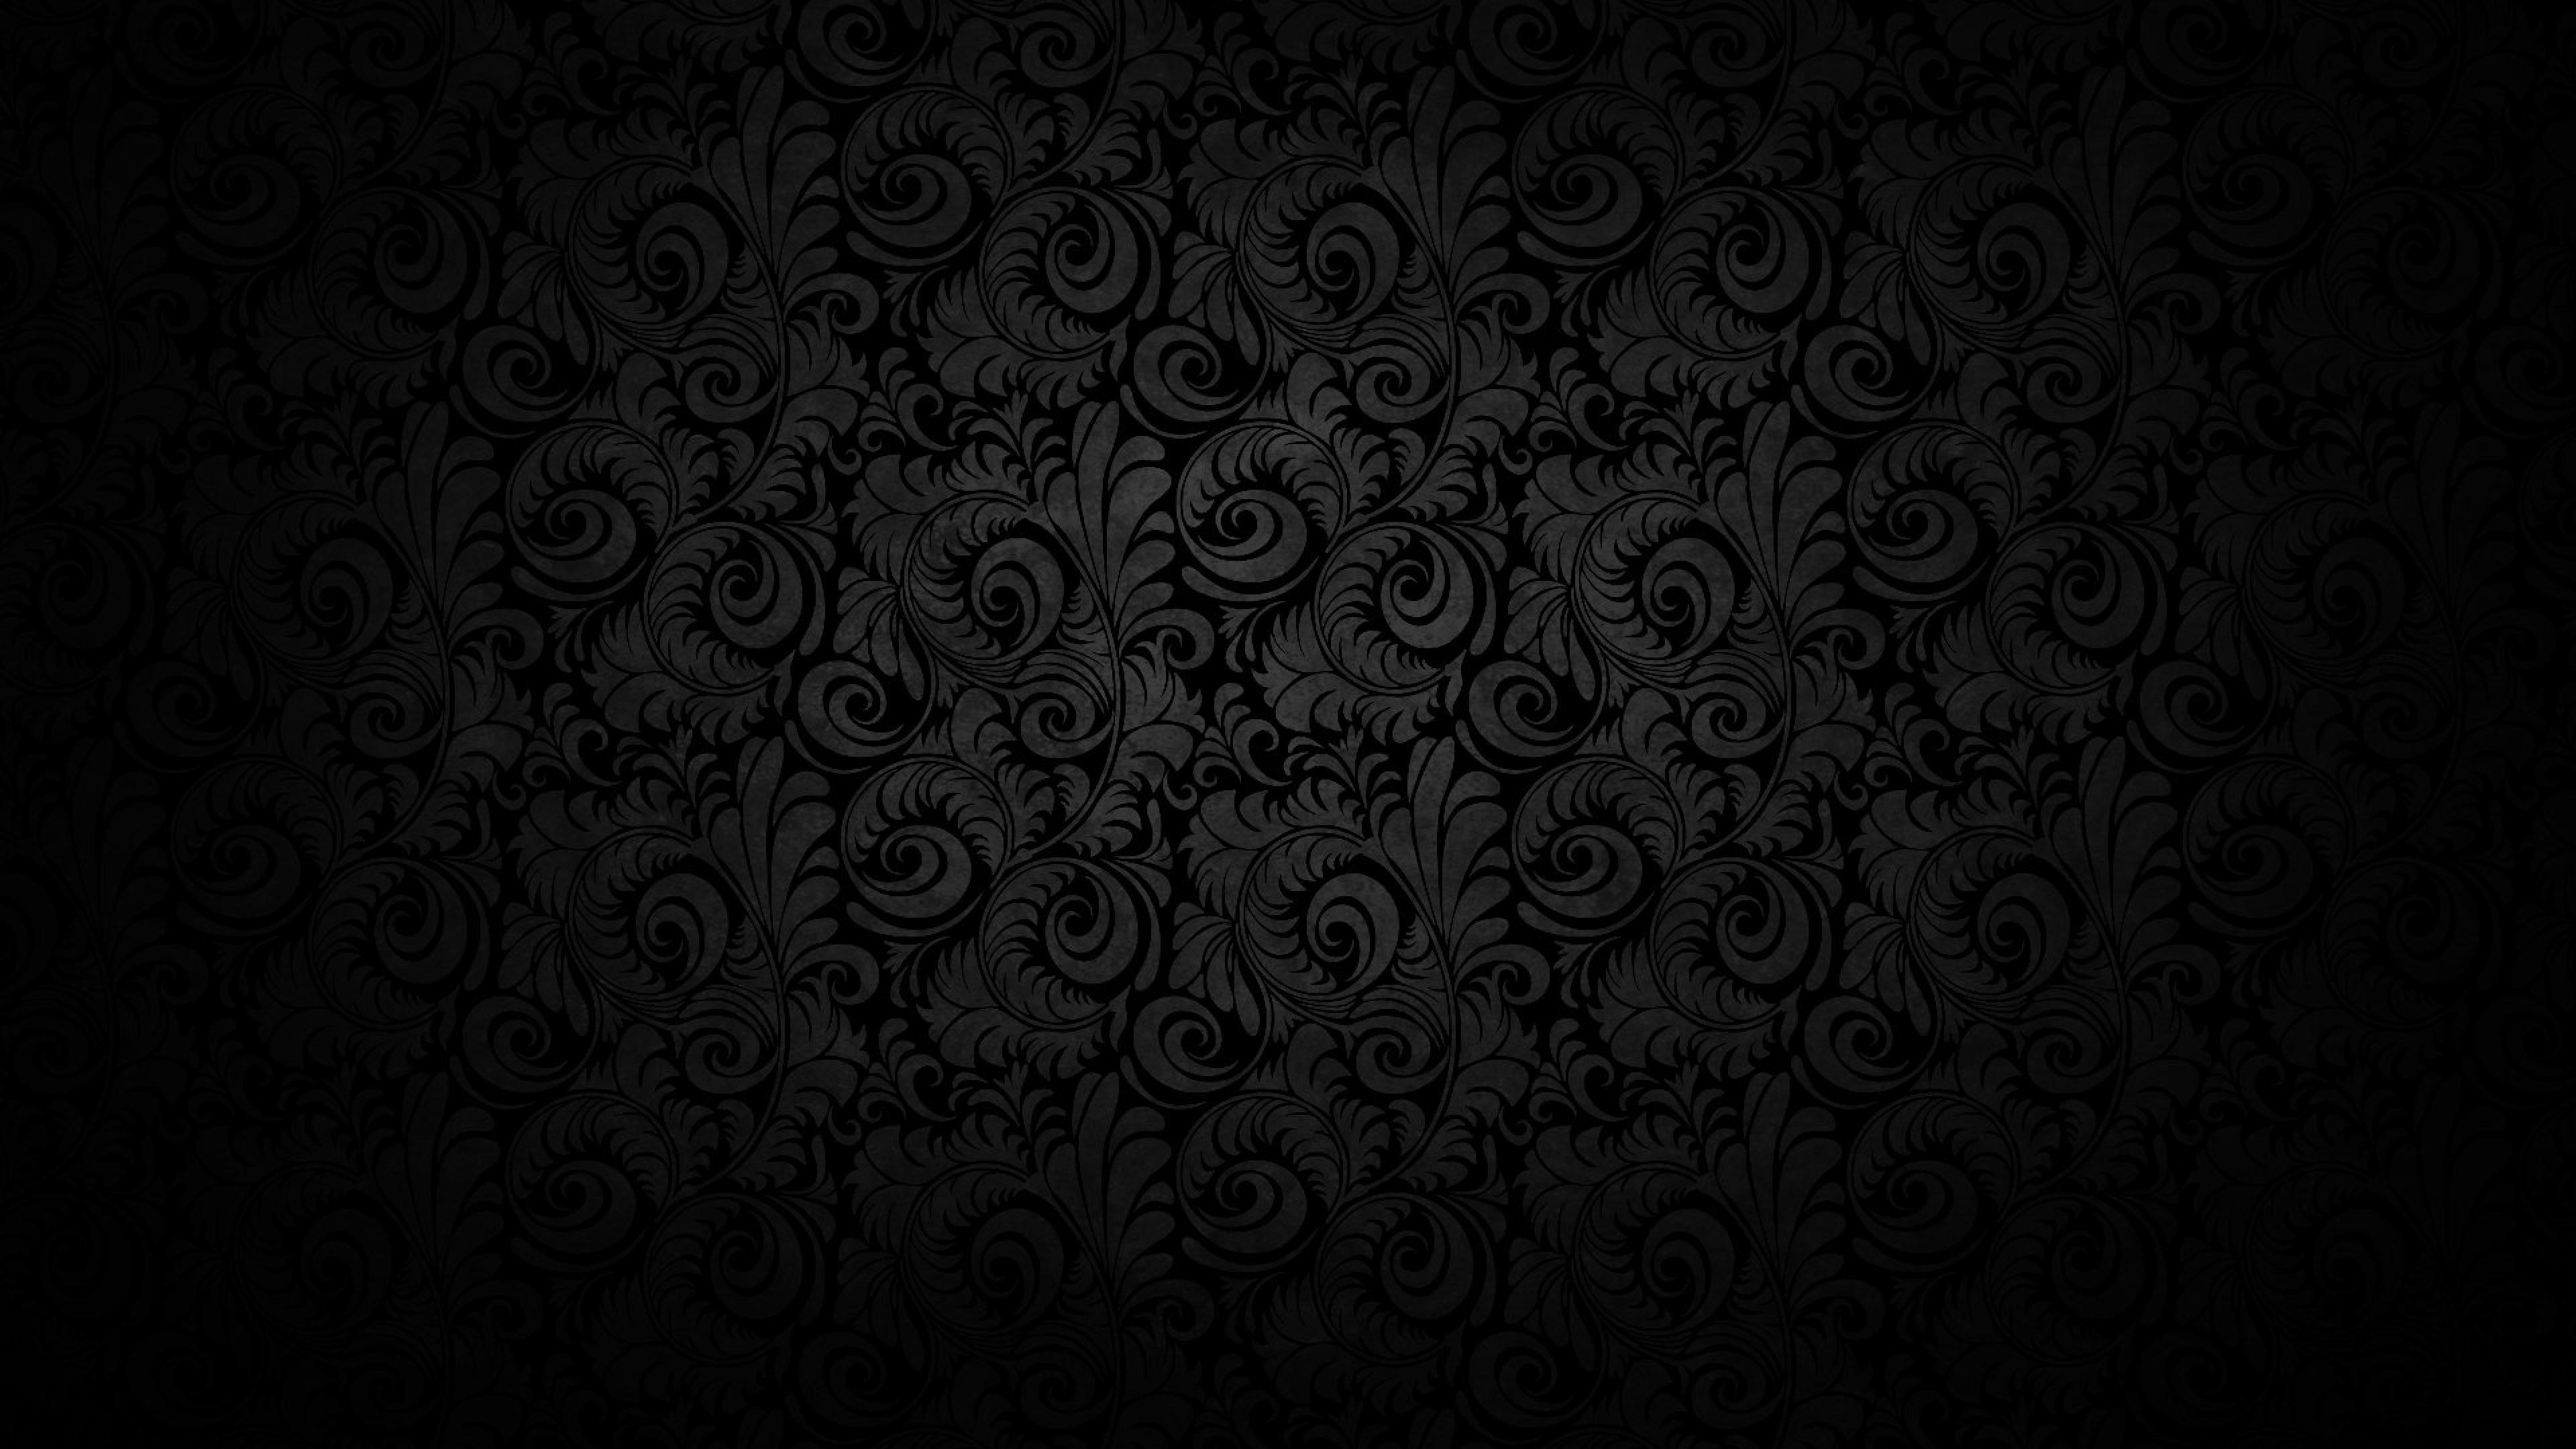 4K Wallpaper Dark - WallpaperSafari